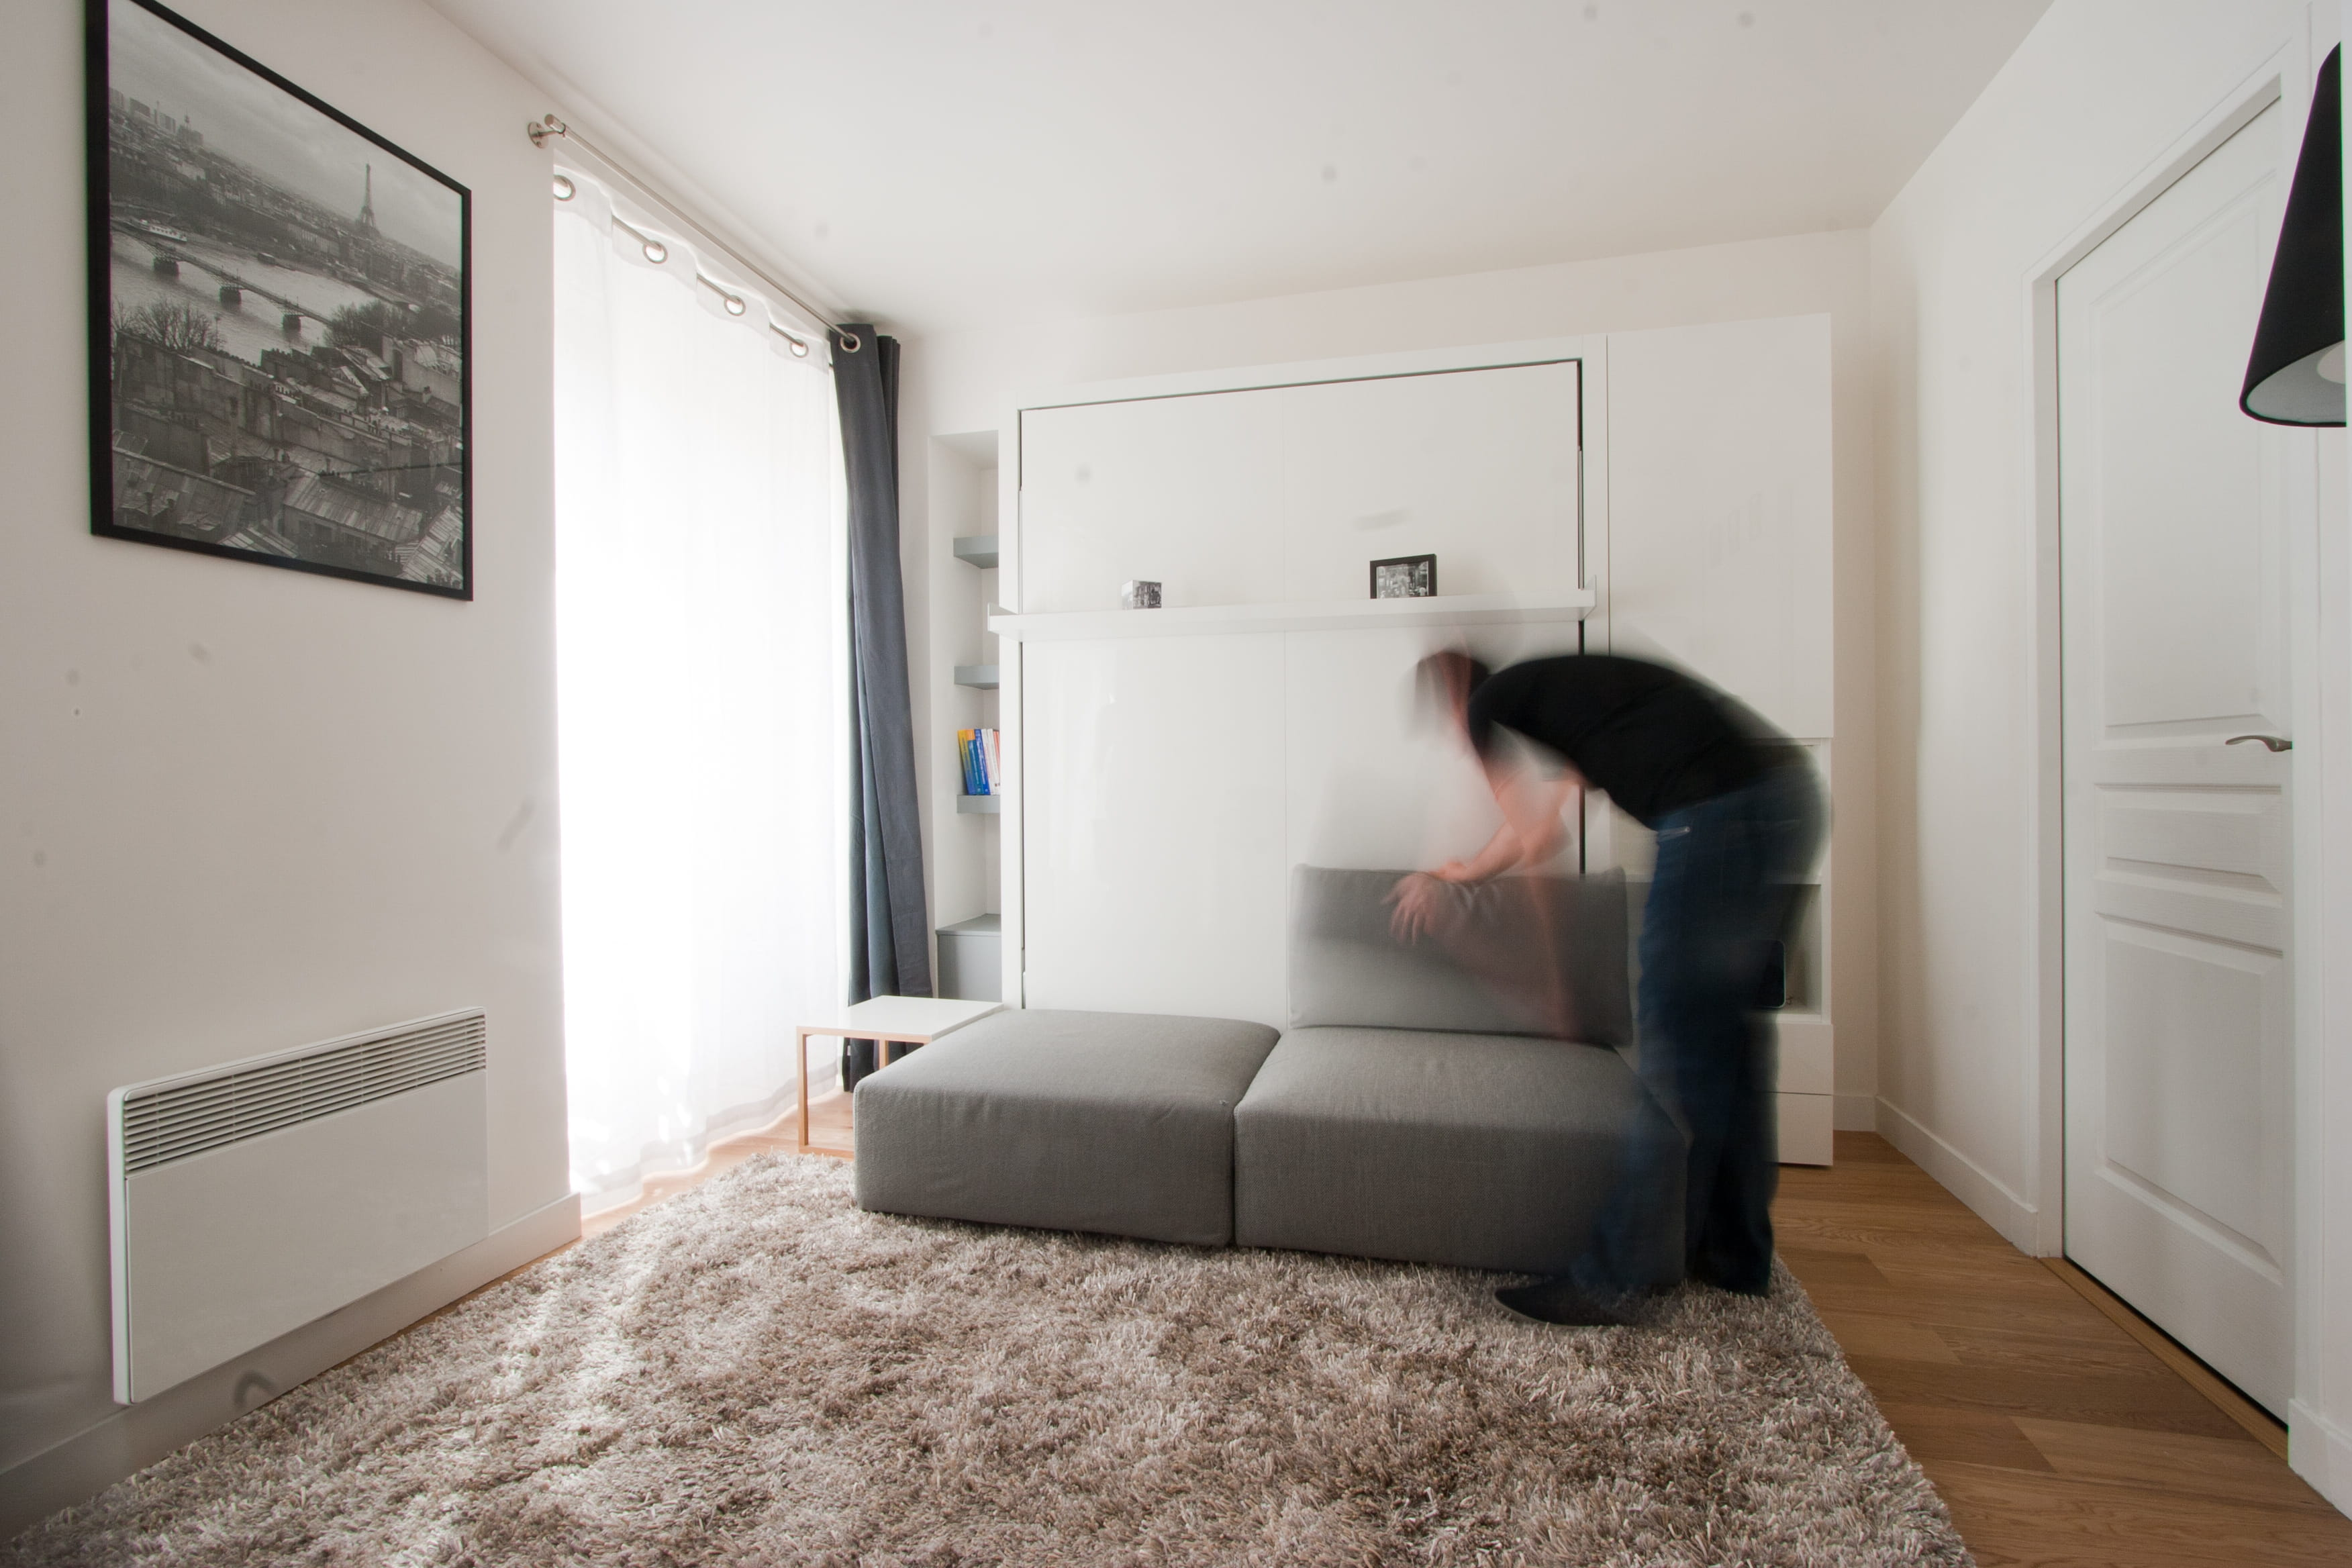 comment gagner de la place 12 id es pour optimiser les. Black Bedroom Furniture Sets. Home Design Ideas